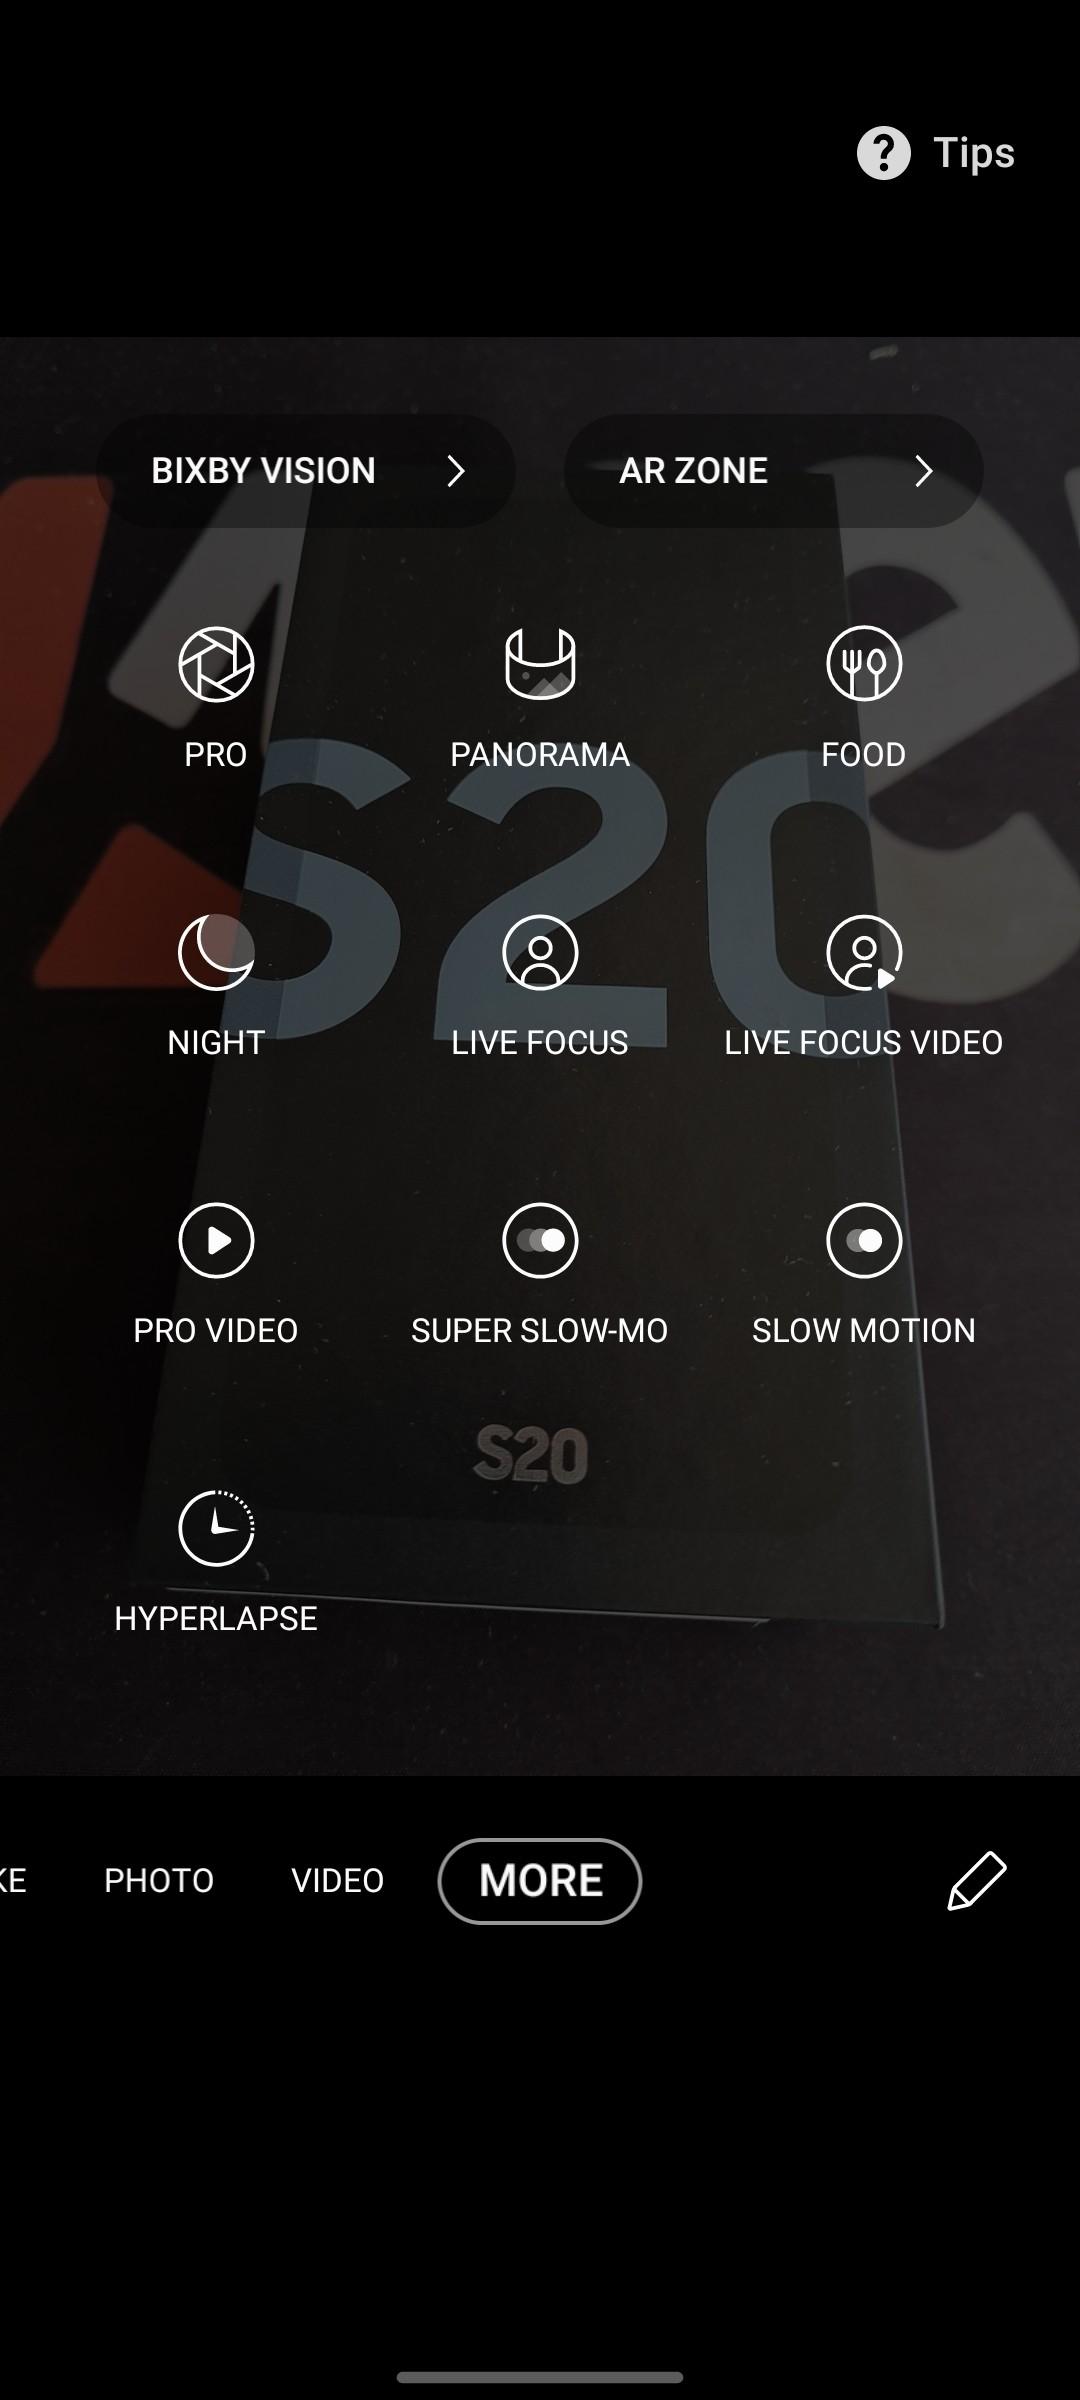 بررسی و نقد گوشی گلکسی اس 20 سامسونگ به همراه تصاویر دوربین 93 - بررسی و نقد کامل گوشی گلکسی اس 20 سامسونگ + مقایسه تصاویر دوربین galaxy s20 - گوشی هوشمند, گوشی های هوشمند, گوشی Galaxy s20, گلکسی اس 20 سامسونگ, گلکسی اس 20, نقد و بررسی گوشی موبایل, سامسونگ گلکسی S